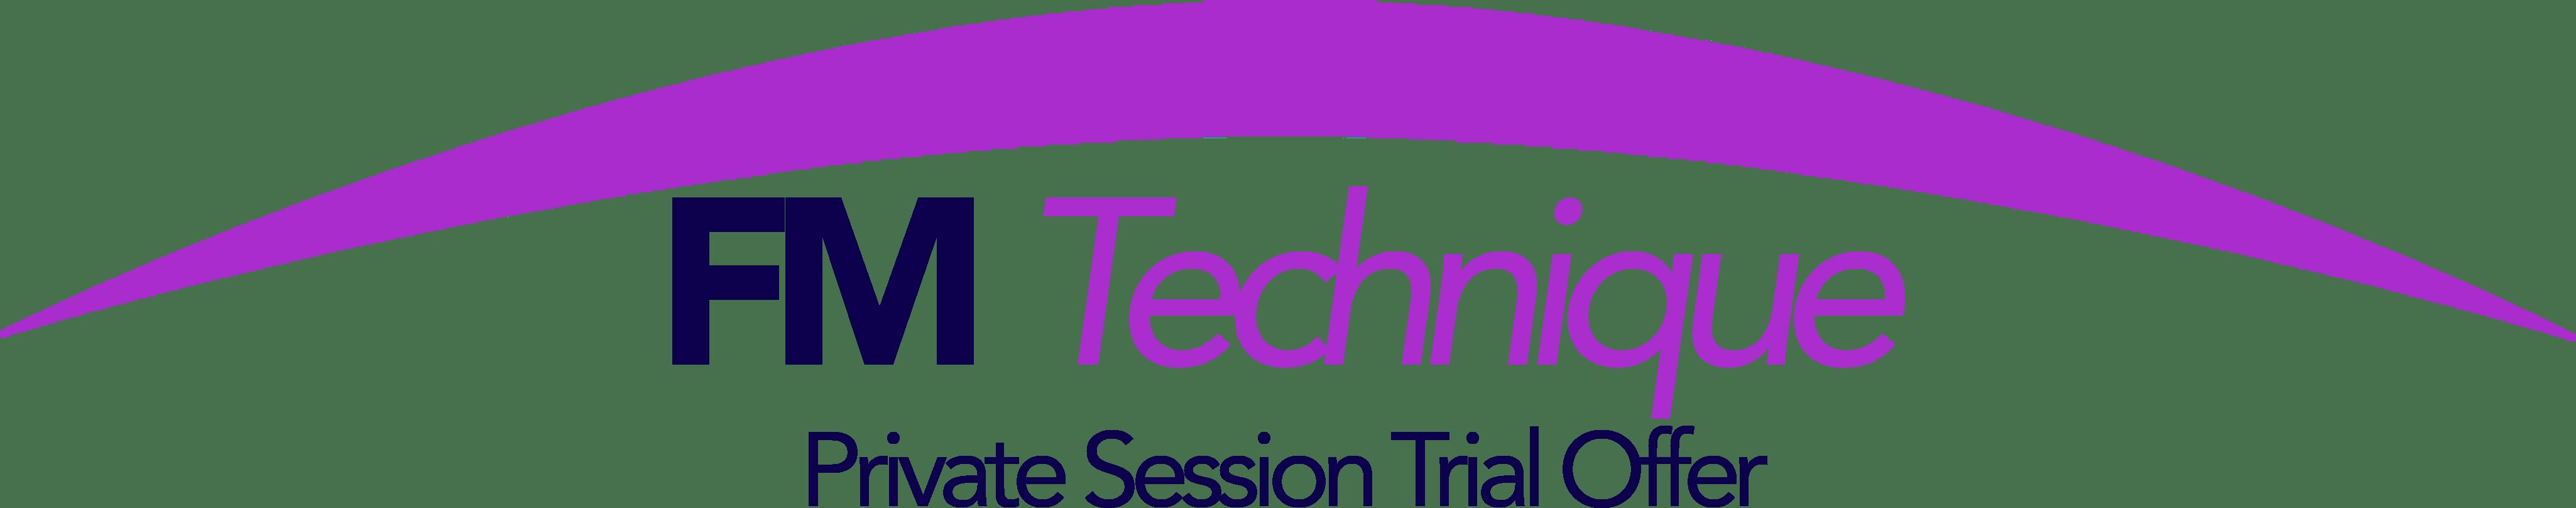 FM Technique Trial Offer